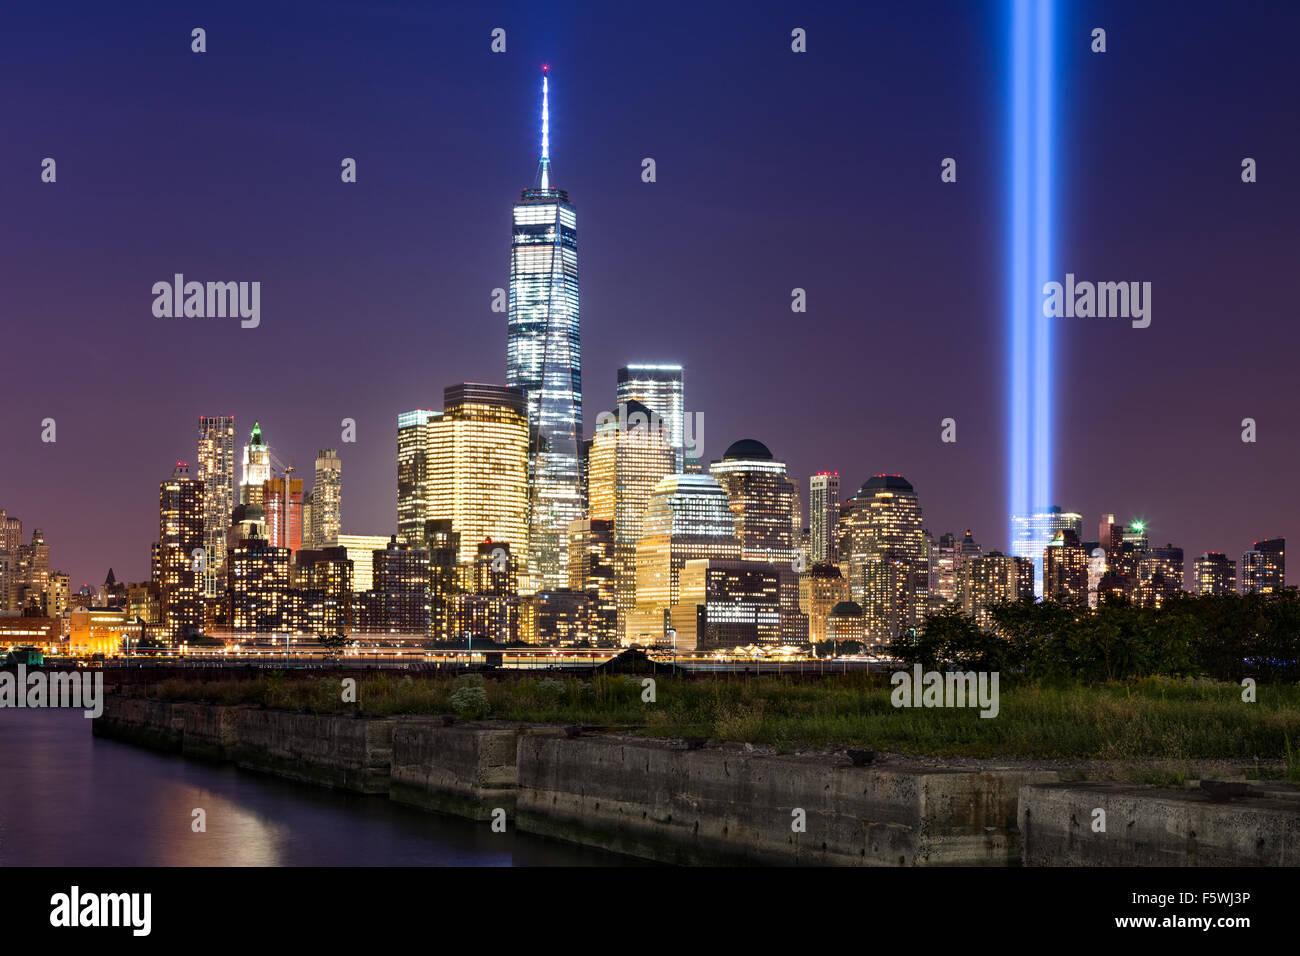 Rendre hommage à la lumière, deux colonnes verticales de lumière s'élever au-dessus de la Photo Stock